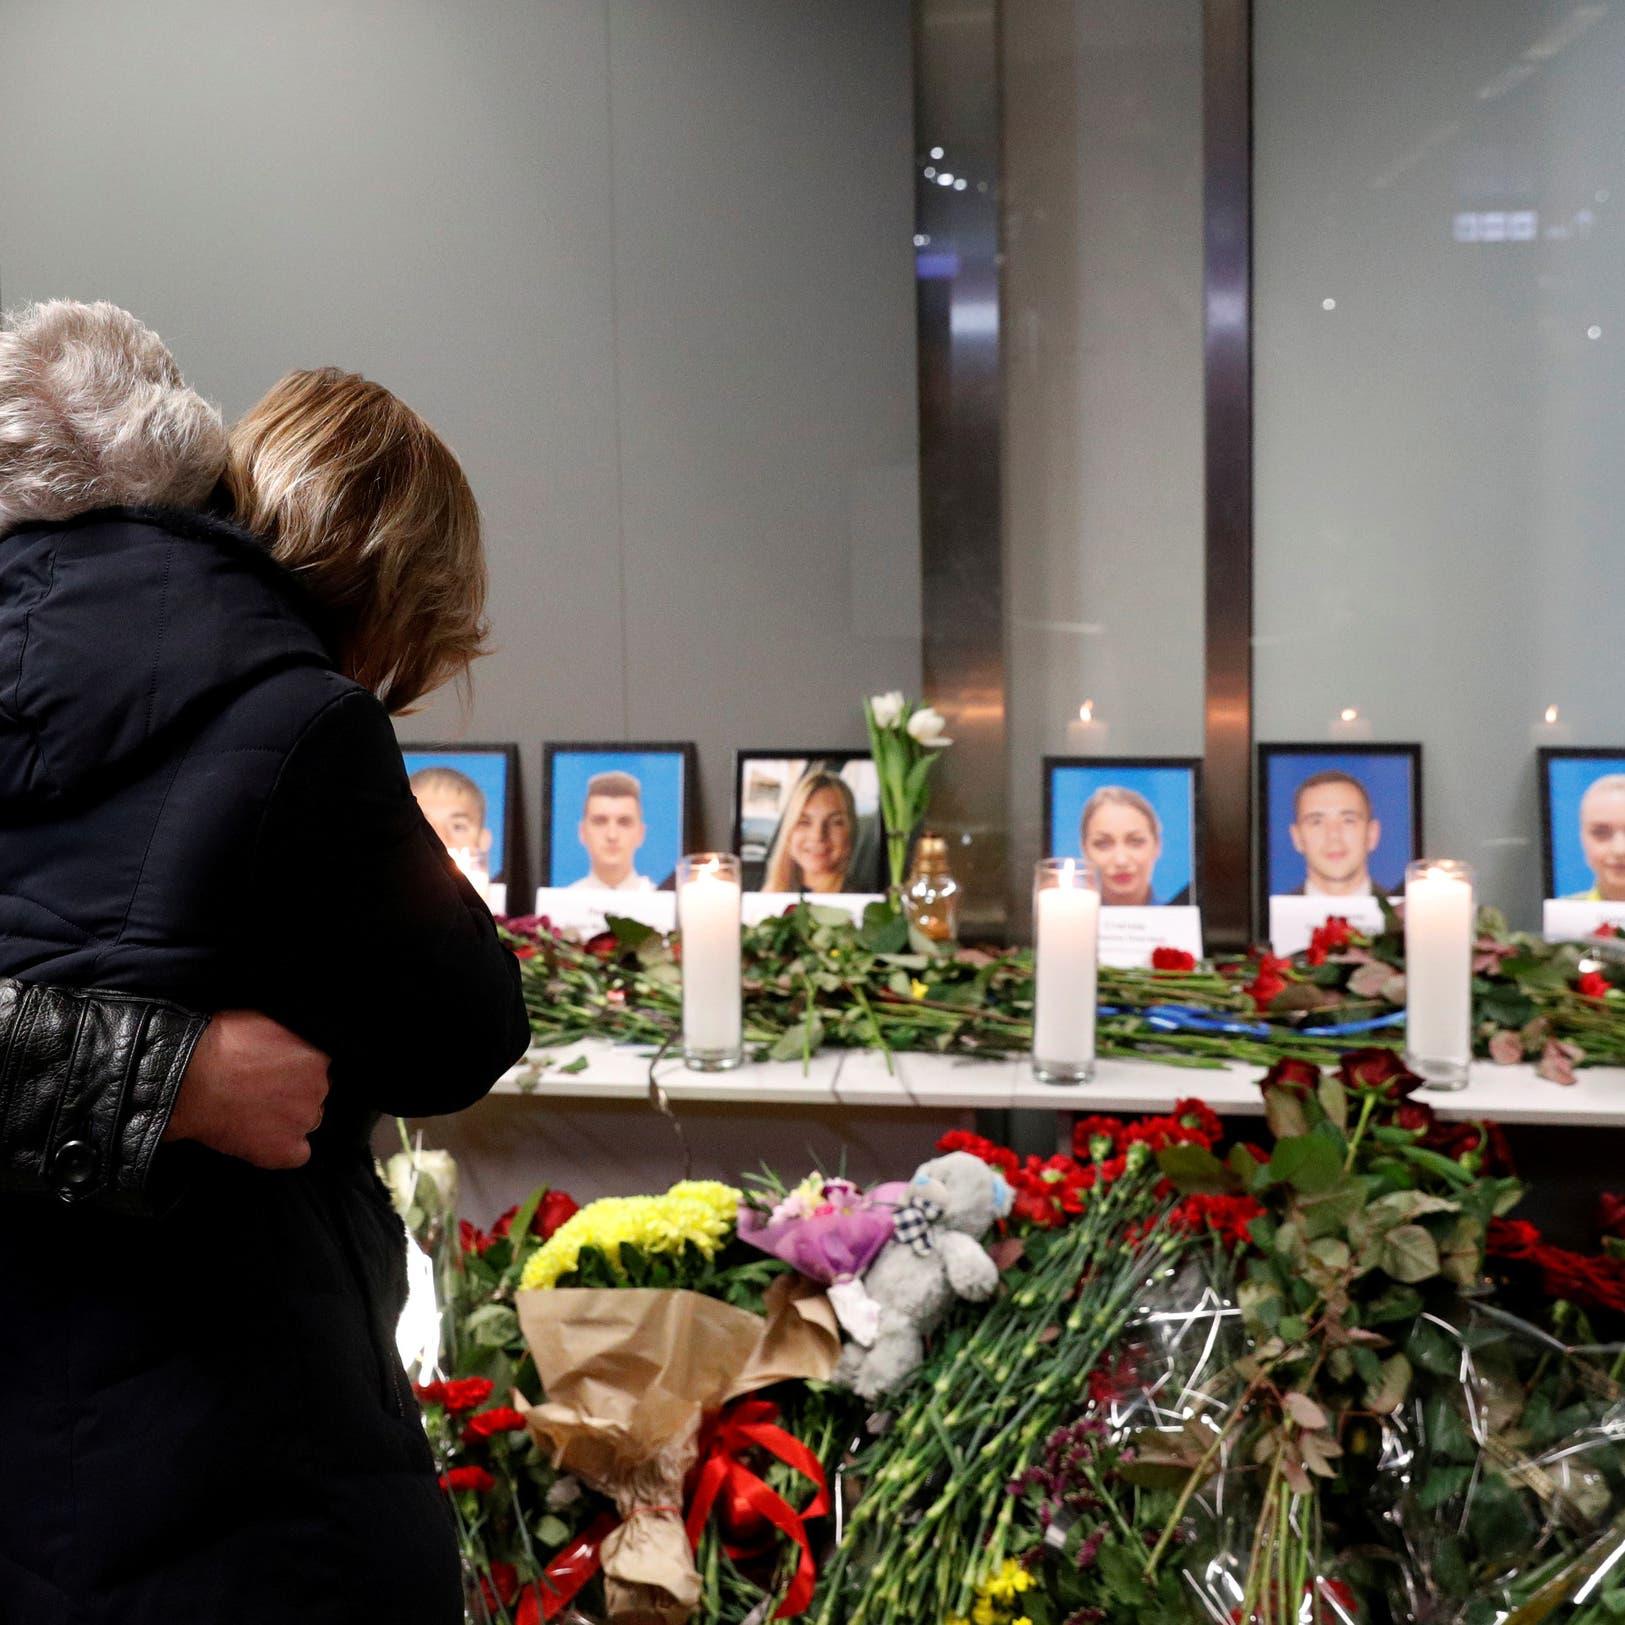 قبل الكارثة.. رسالة أخيرة من مضيفة أوكرانية تهز المشاعر